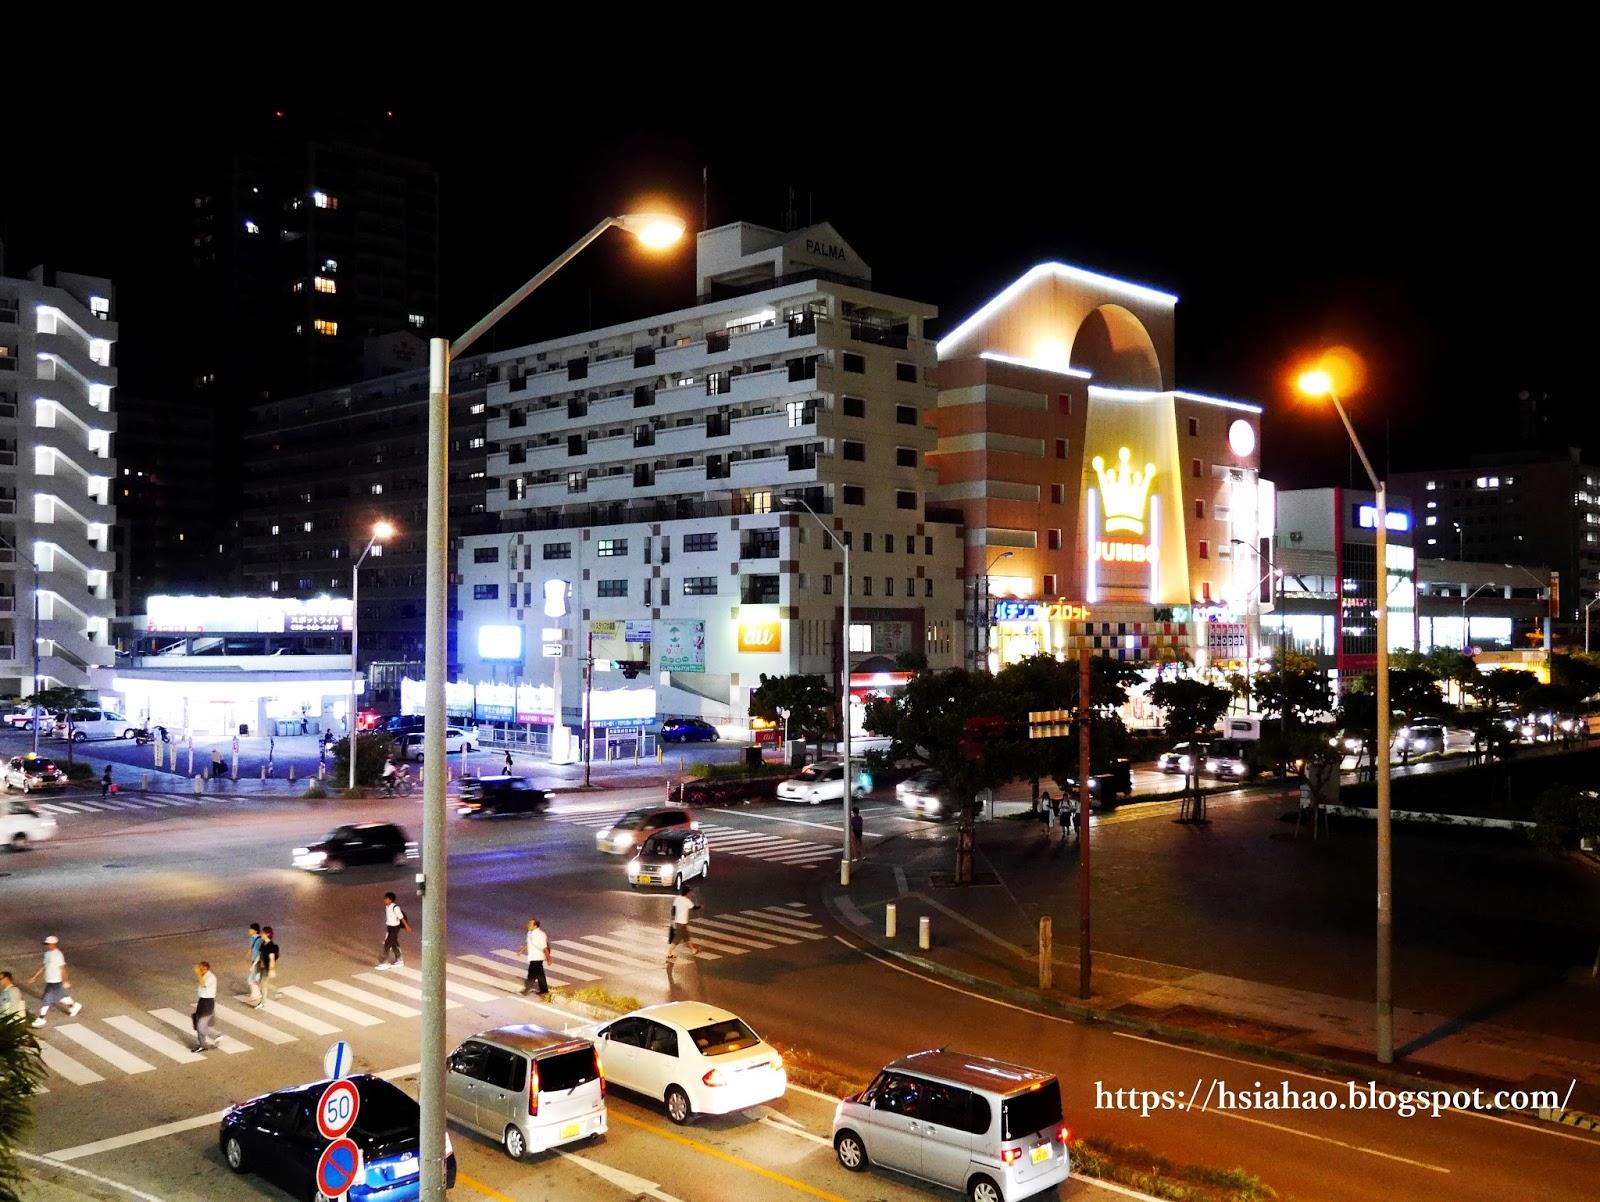 沖繩-景點-推薦-那霸-Naha-Main-Place-那覇メインプレイス-自由行-旅遊-Okinawa